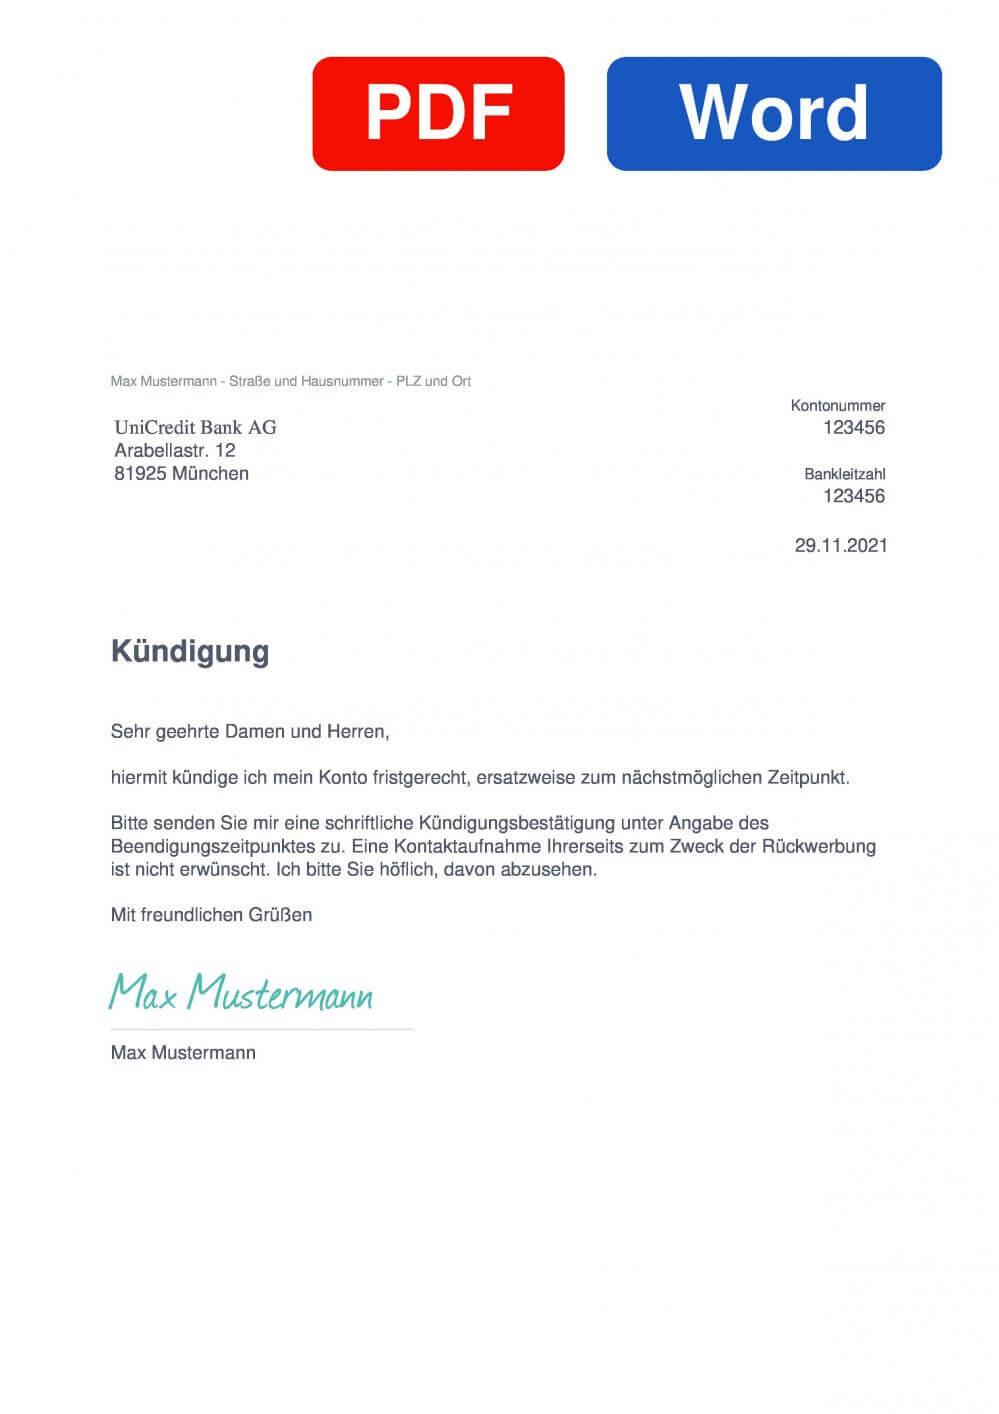 Hypovereinsbank Muster Vorlage für Kündigungsschreiben